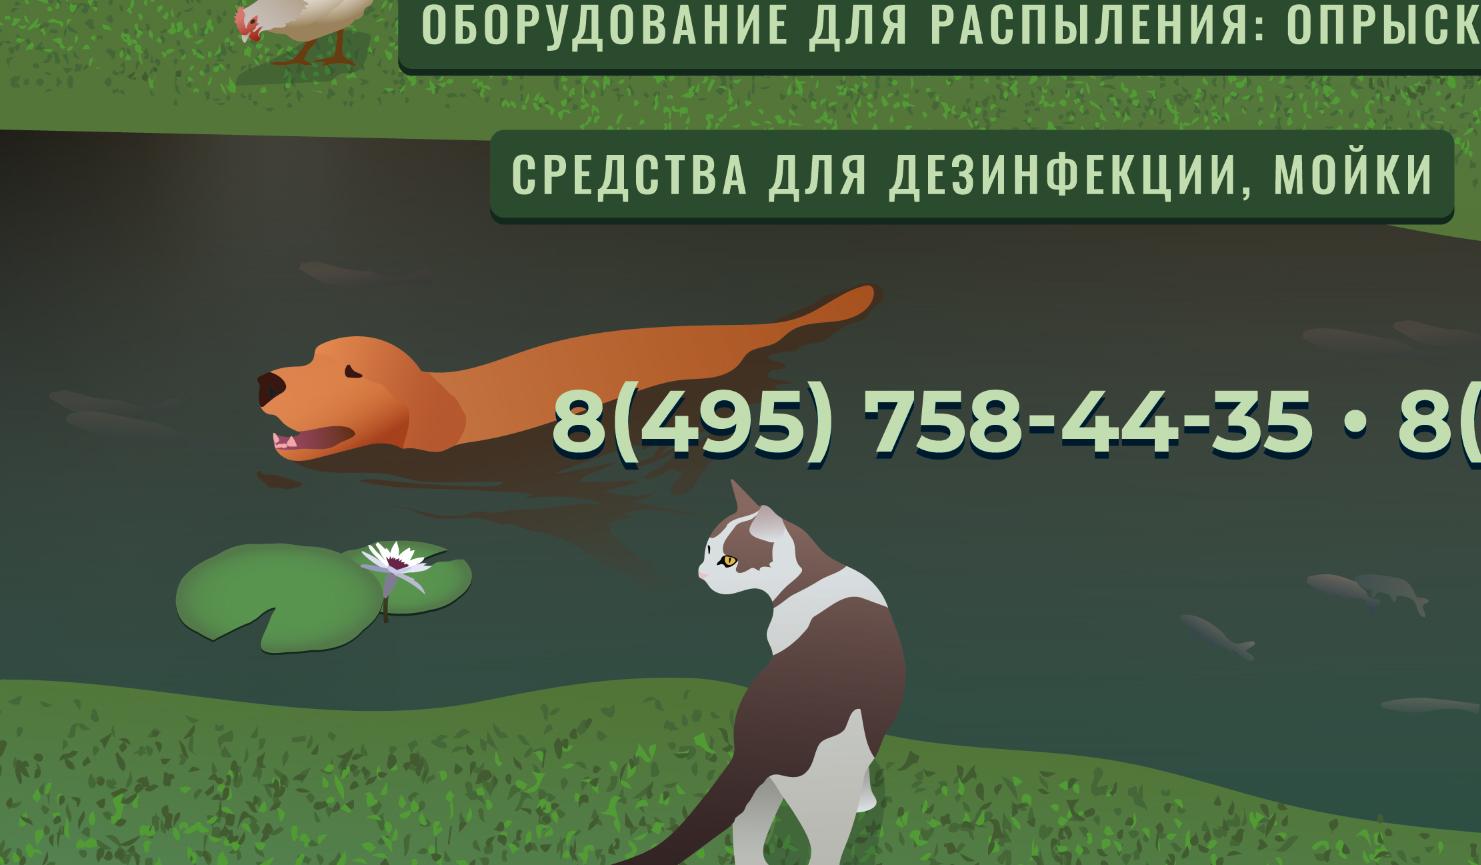 Нужен дизайн постера,  ширина 3 метра, высота 2,5 метра. фото f_6525c20354133e3a.jpg